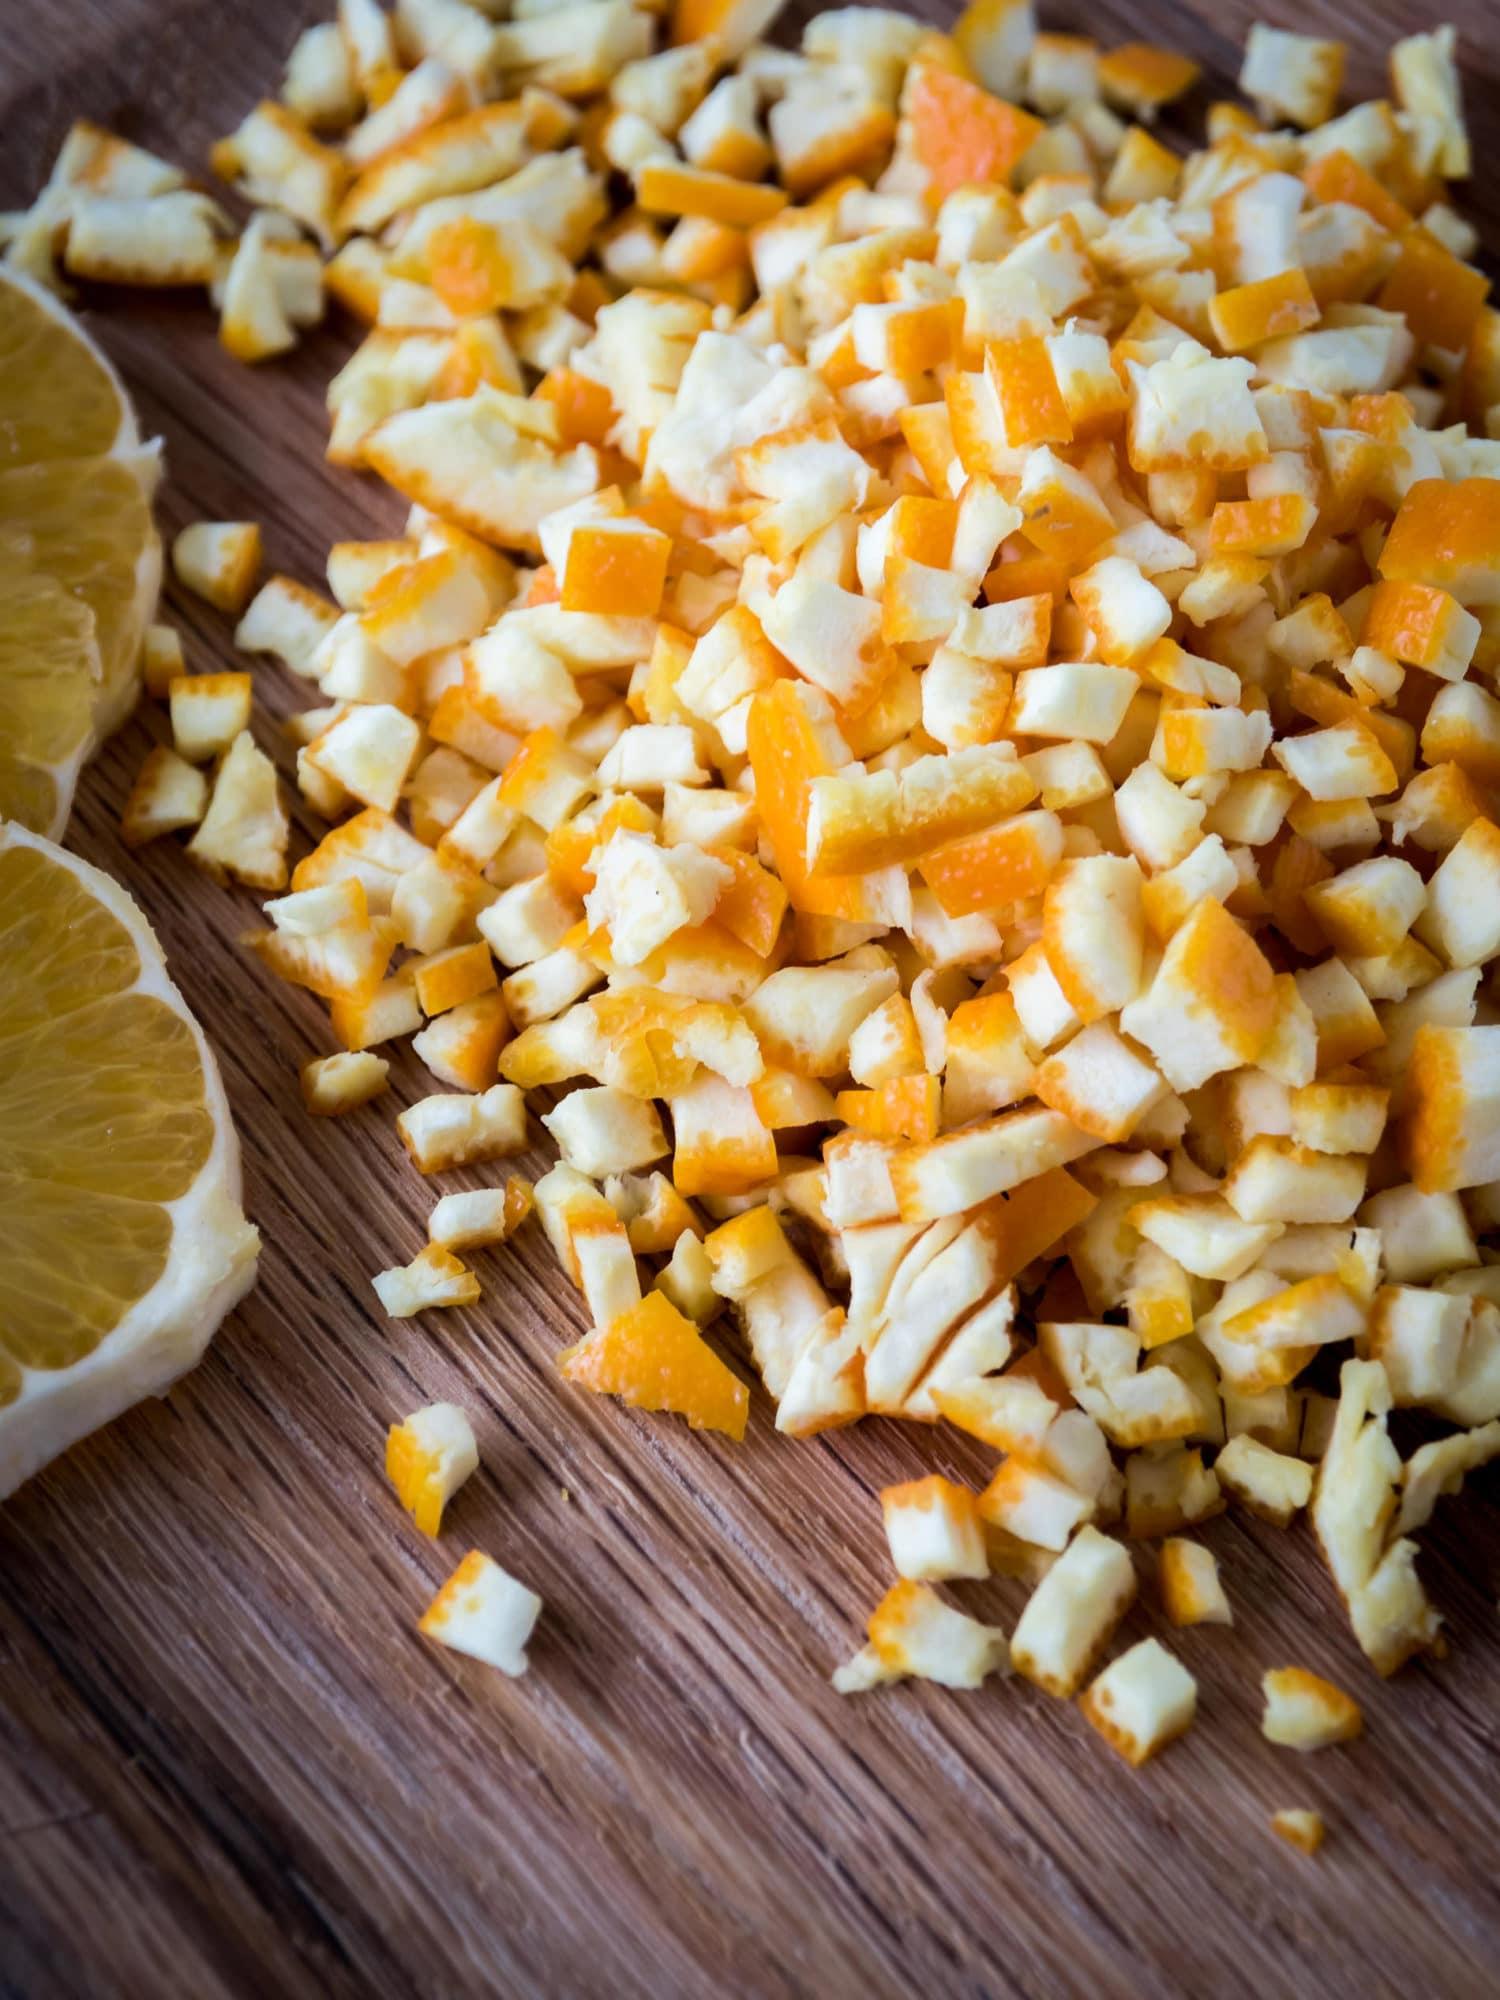 Bio Orangen zum Orangeat selber machen